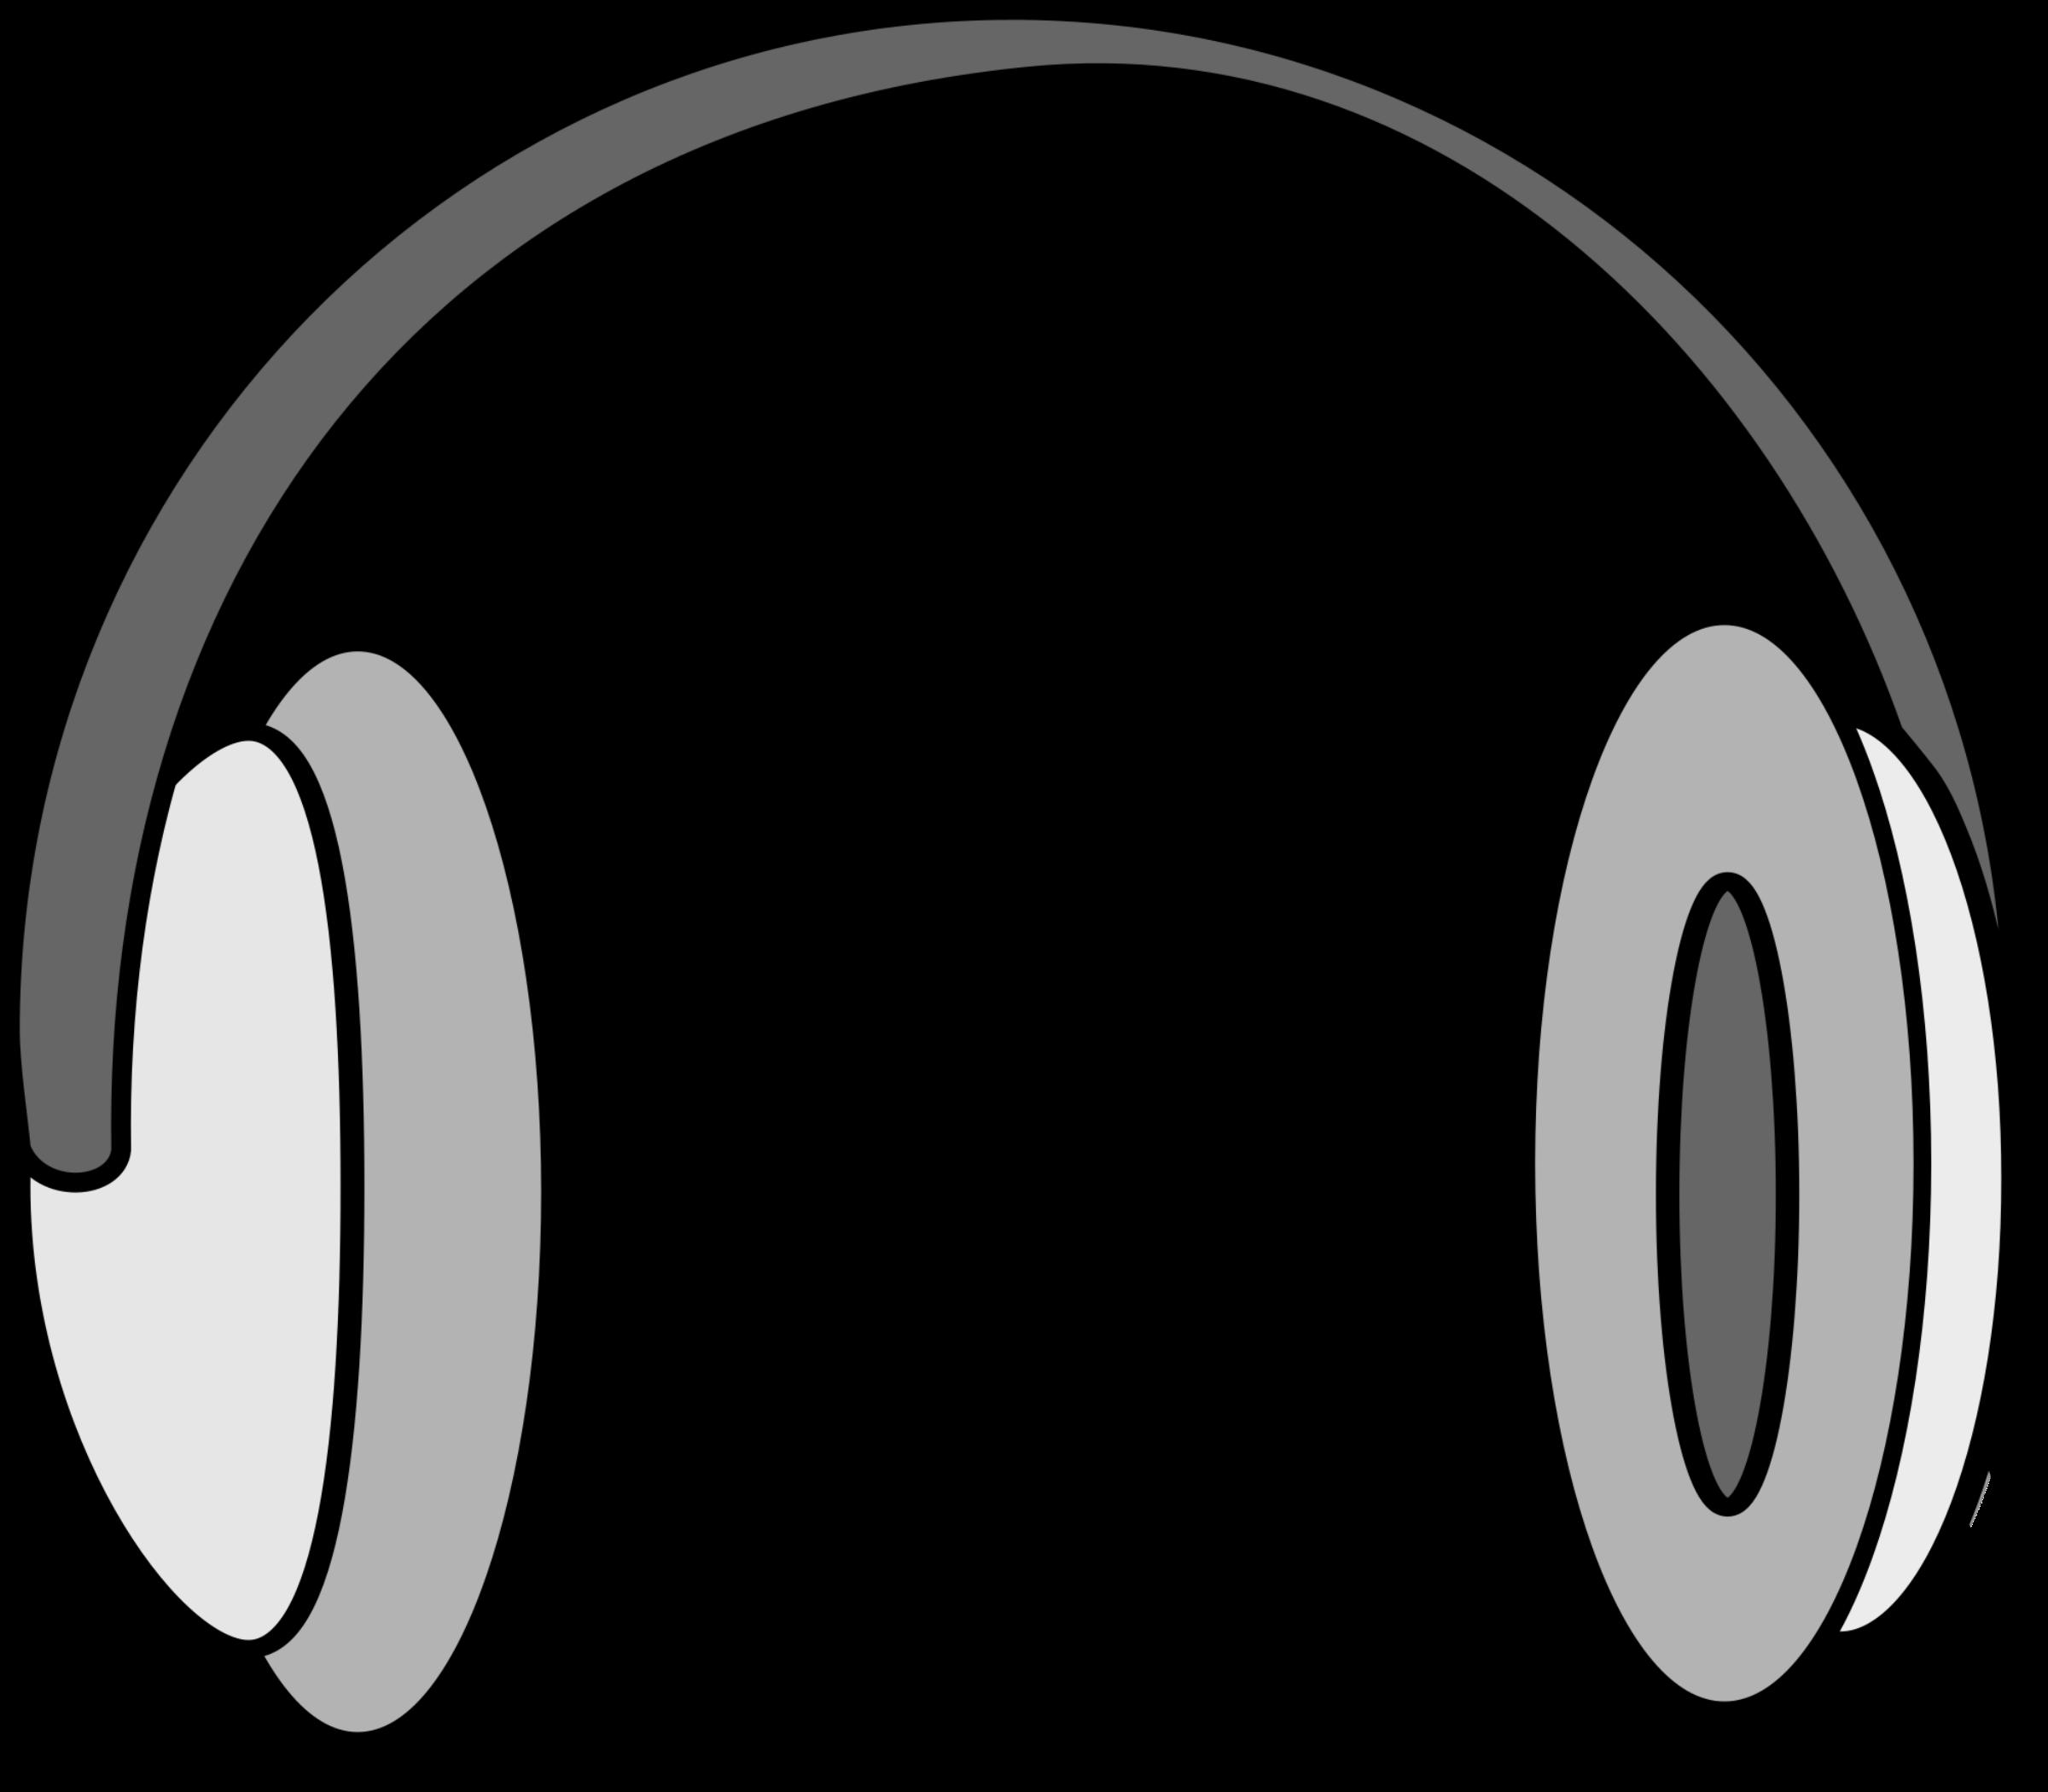 Clipart - Kopfhörer